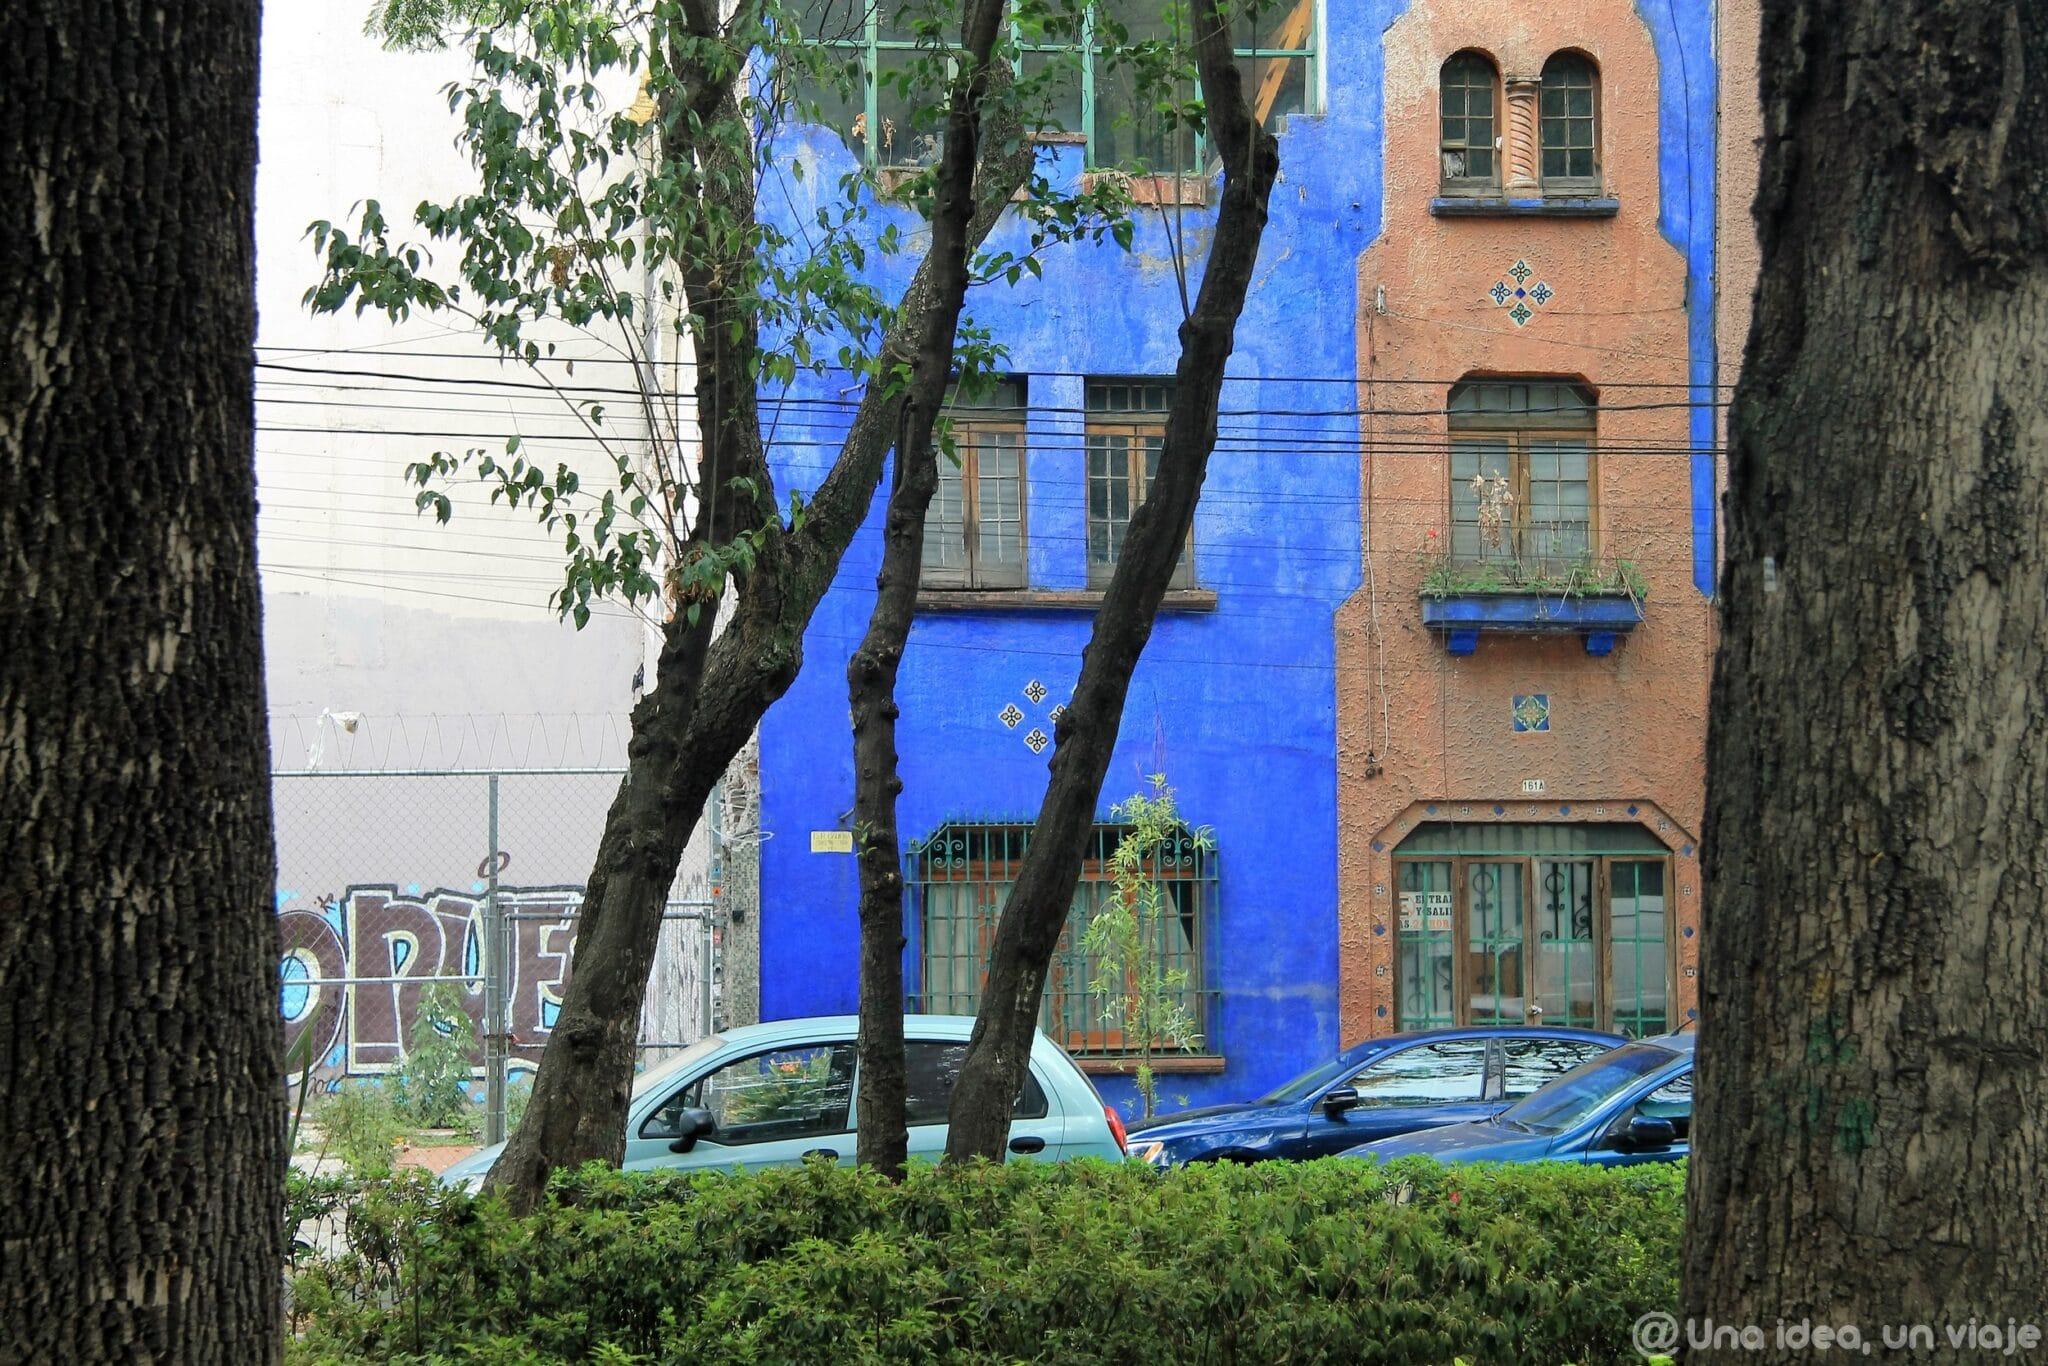 ciudad-mexico-imprescindible-visitas-colonia-roma-condesa-unaideaunviaje-09